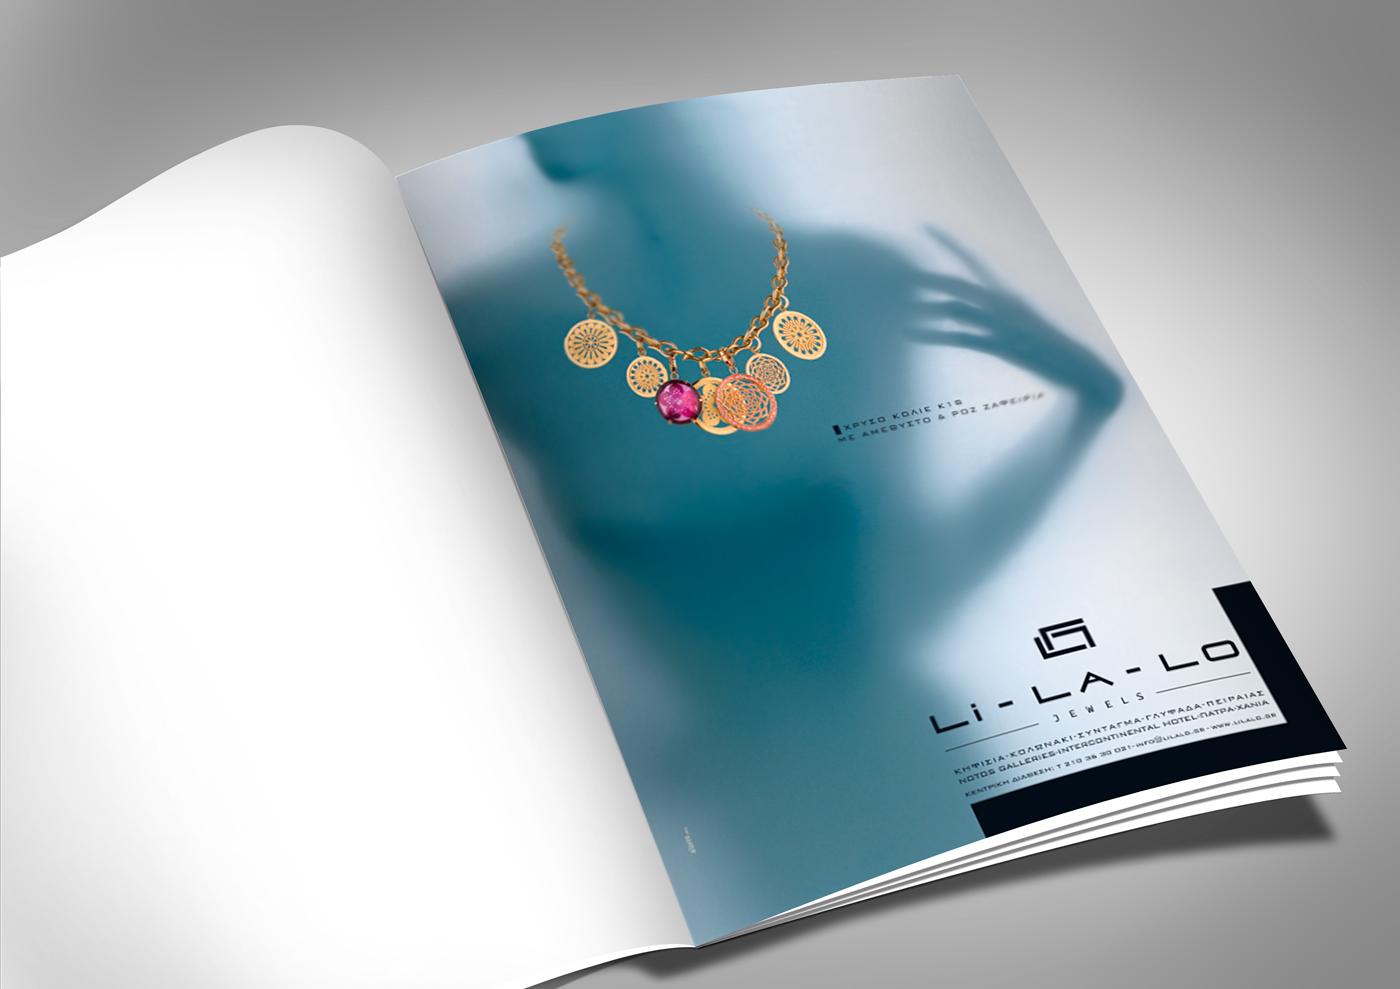 6d71c1634a ... Li LA LO jewels. Like!3